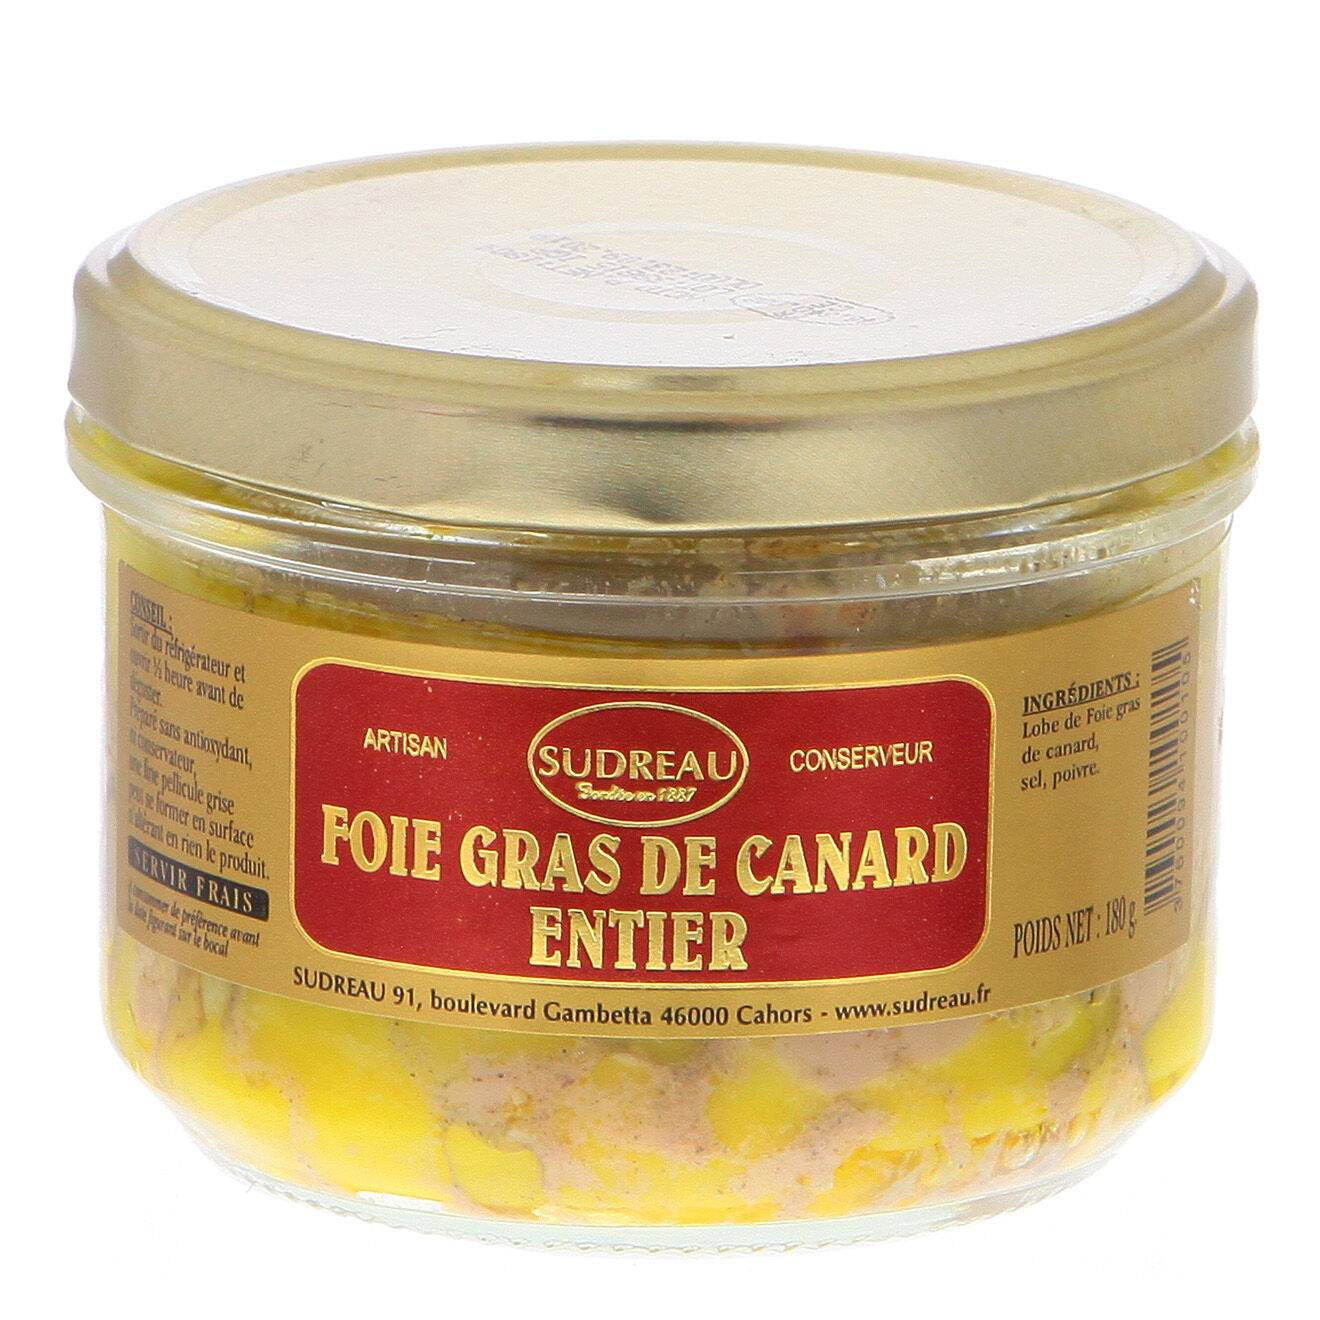 Sudreau Bocal de Foie Gras de Canard Entier Artisanal aux 2 Poivres 180g